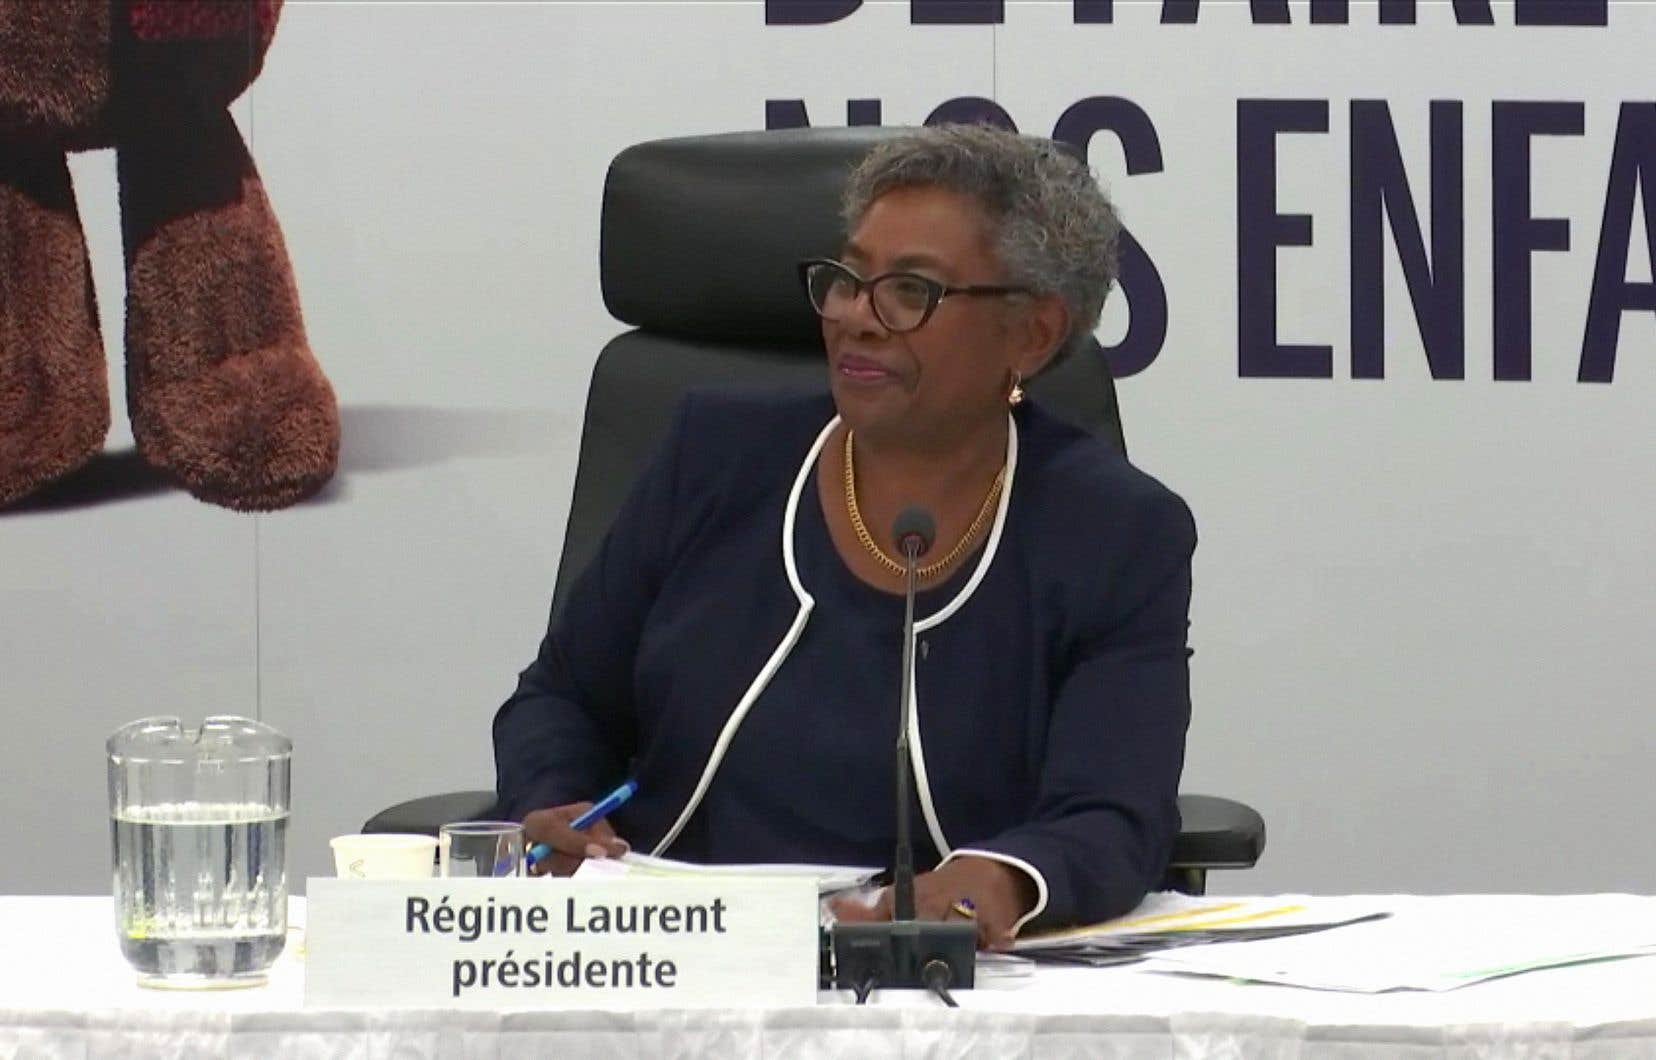 «La présidente de la Commission, Régine Laurent, a exigé, face à la sous-ministre adjointe du ministère de la Santé et des Services sociaux, que l'on entende enfin les intervenants et les acteurs de terrain», soulignent les auteurs.